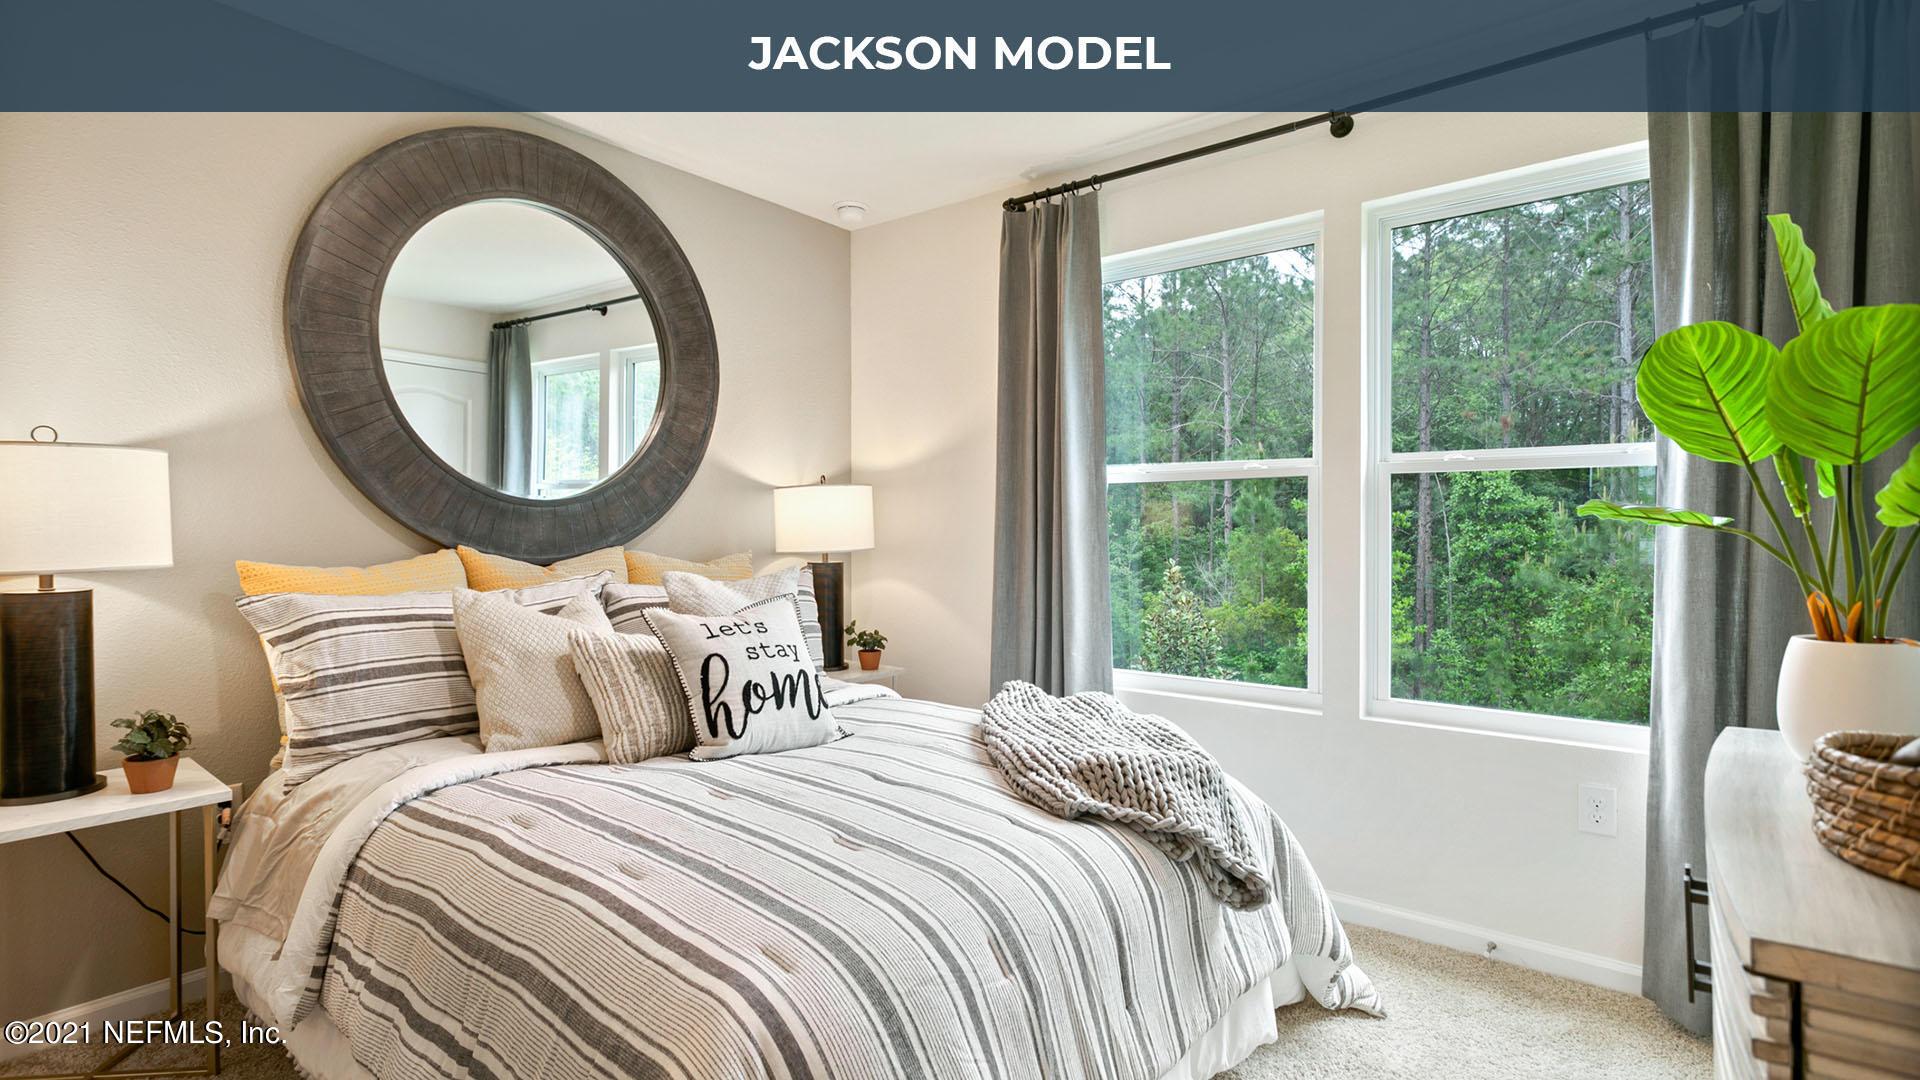 575 OAKLEAF PLANTATION, ORANGE PARK, FLORIDA 32065, 2 Bedrooms Bedrooms, ,2 BathroomsBathrooms,Residential,For sale,OAKLEAF PLANTATION,1105765